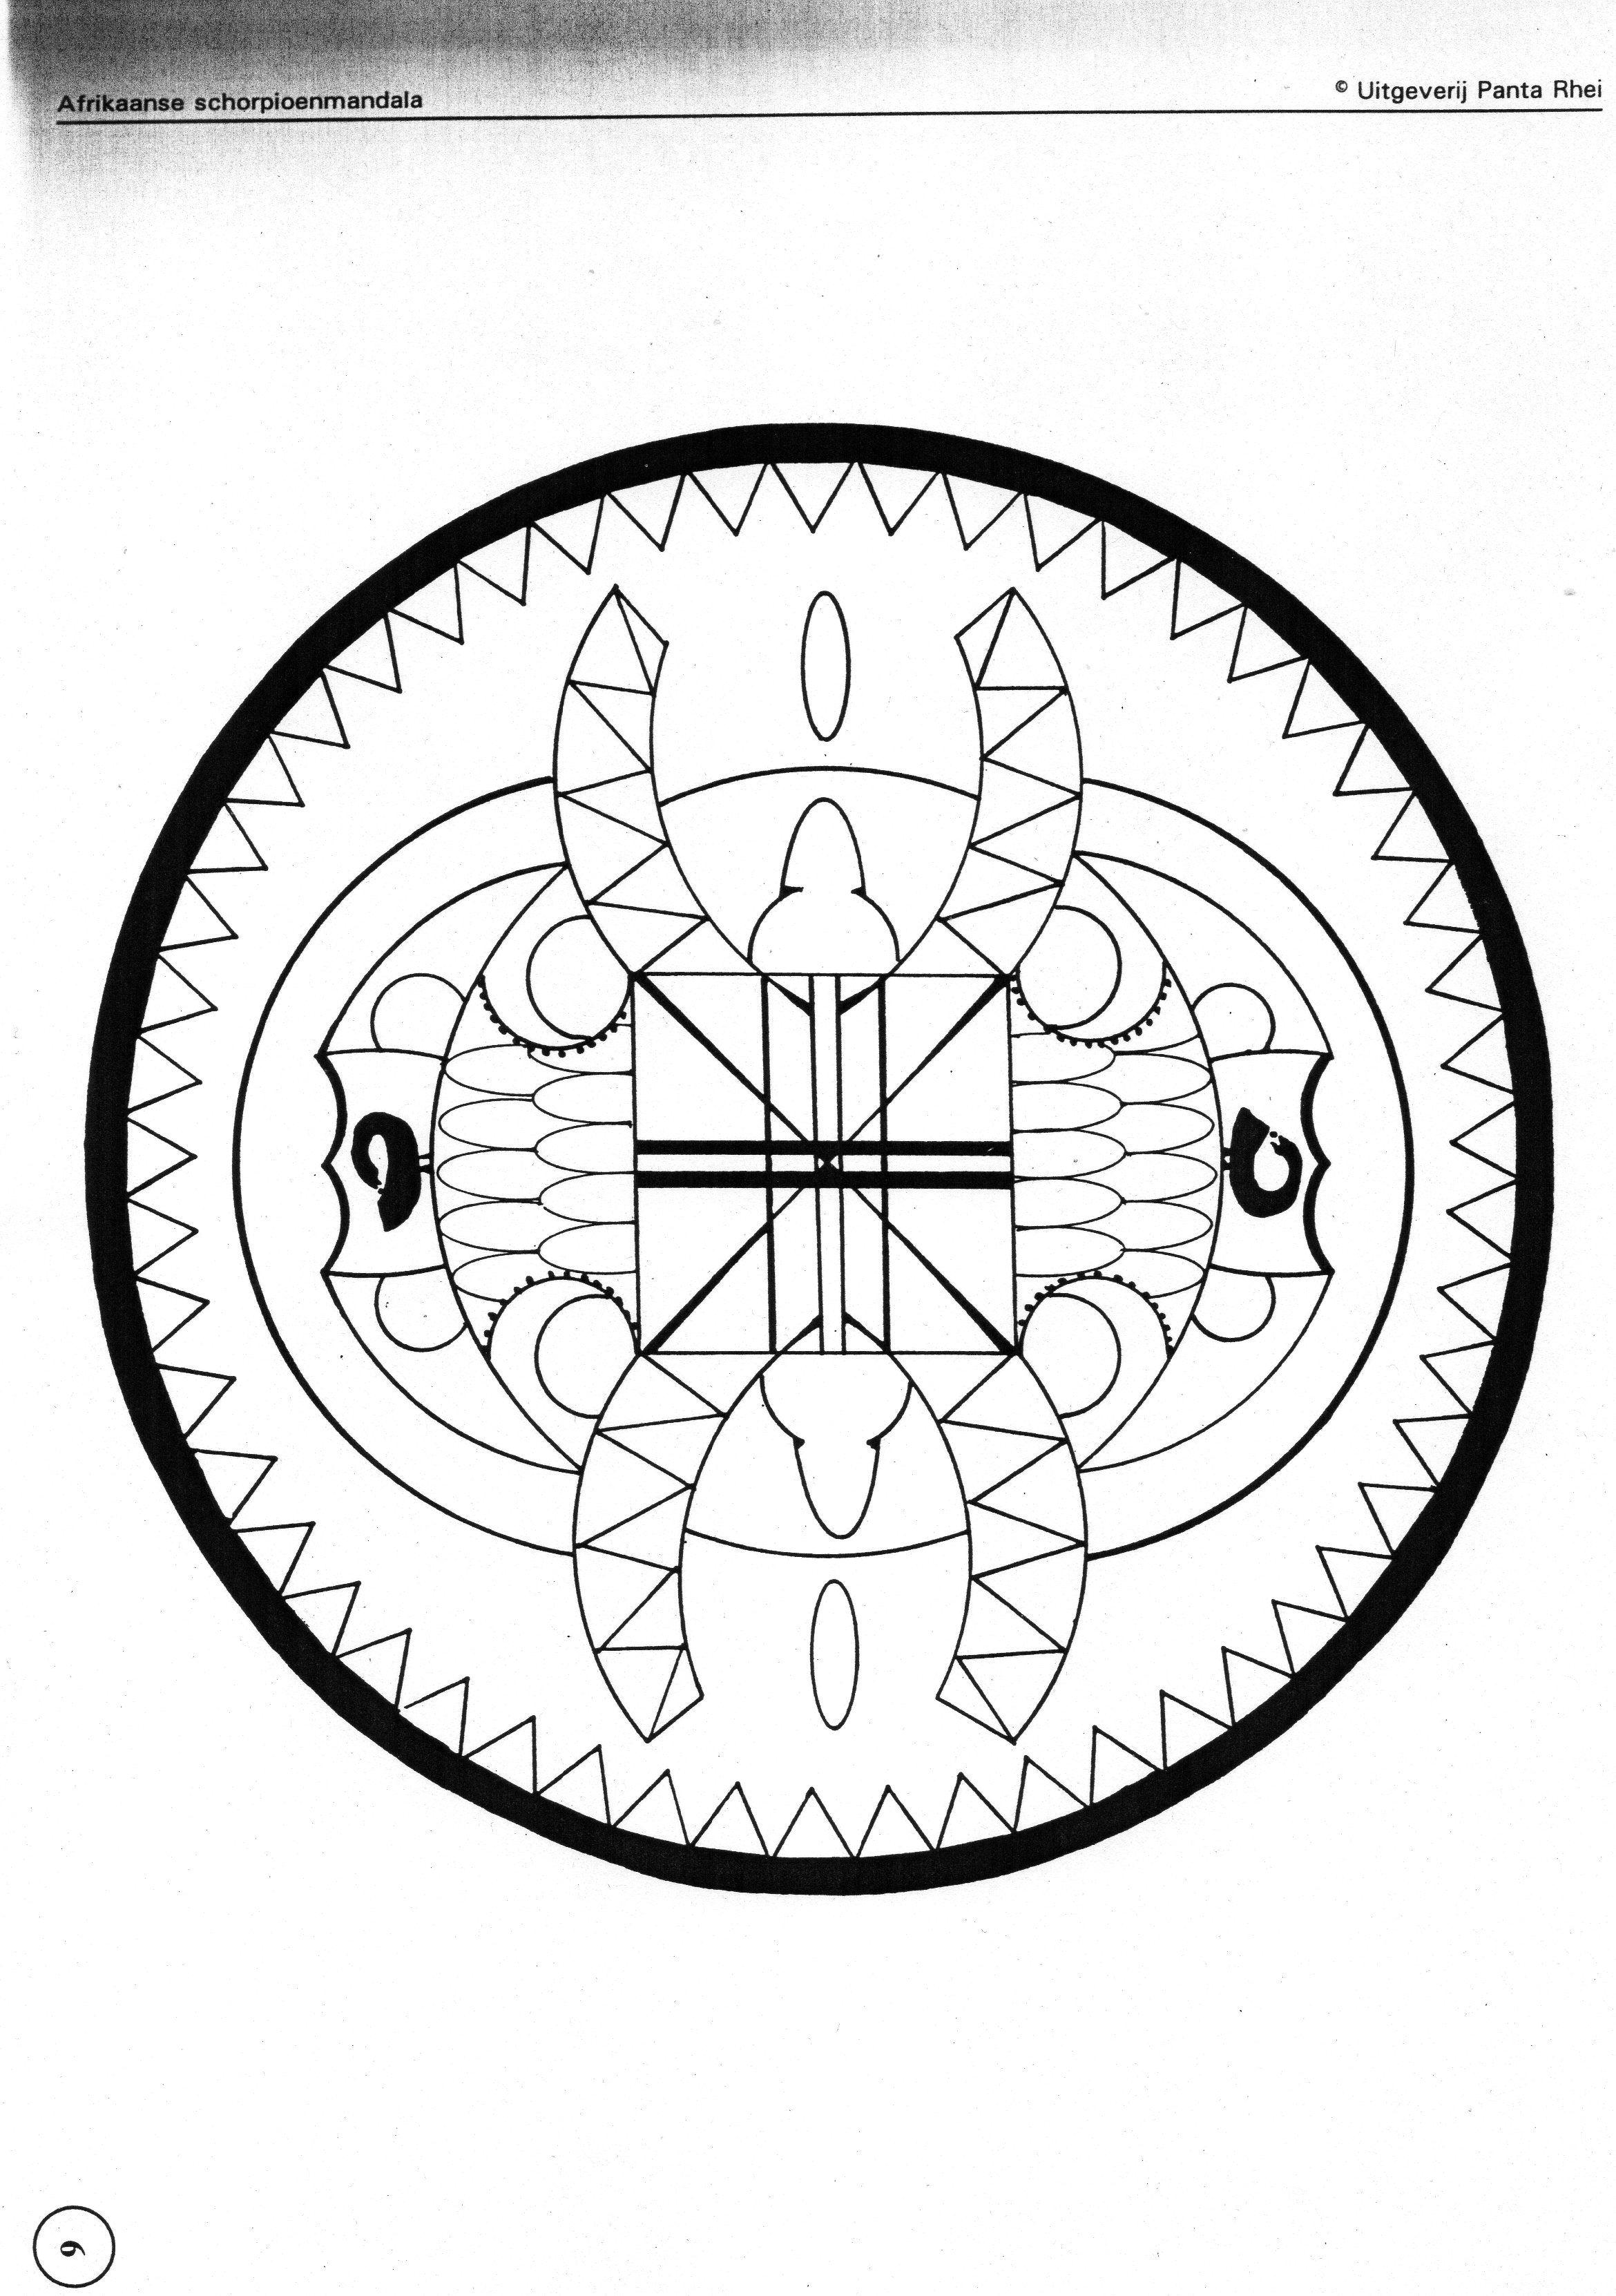 Mandala Sterrenbeelden Kleurplaten.Kleurplaat Schorpioen